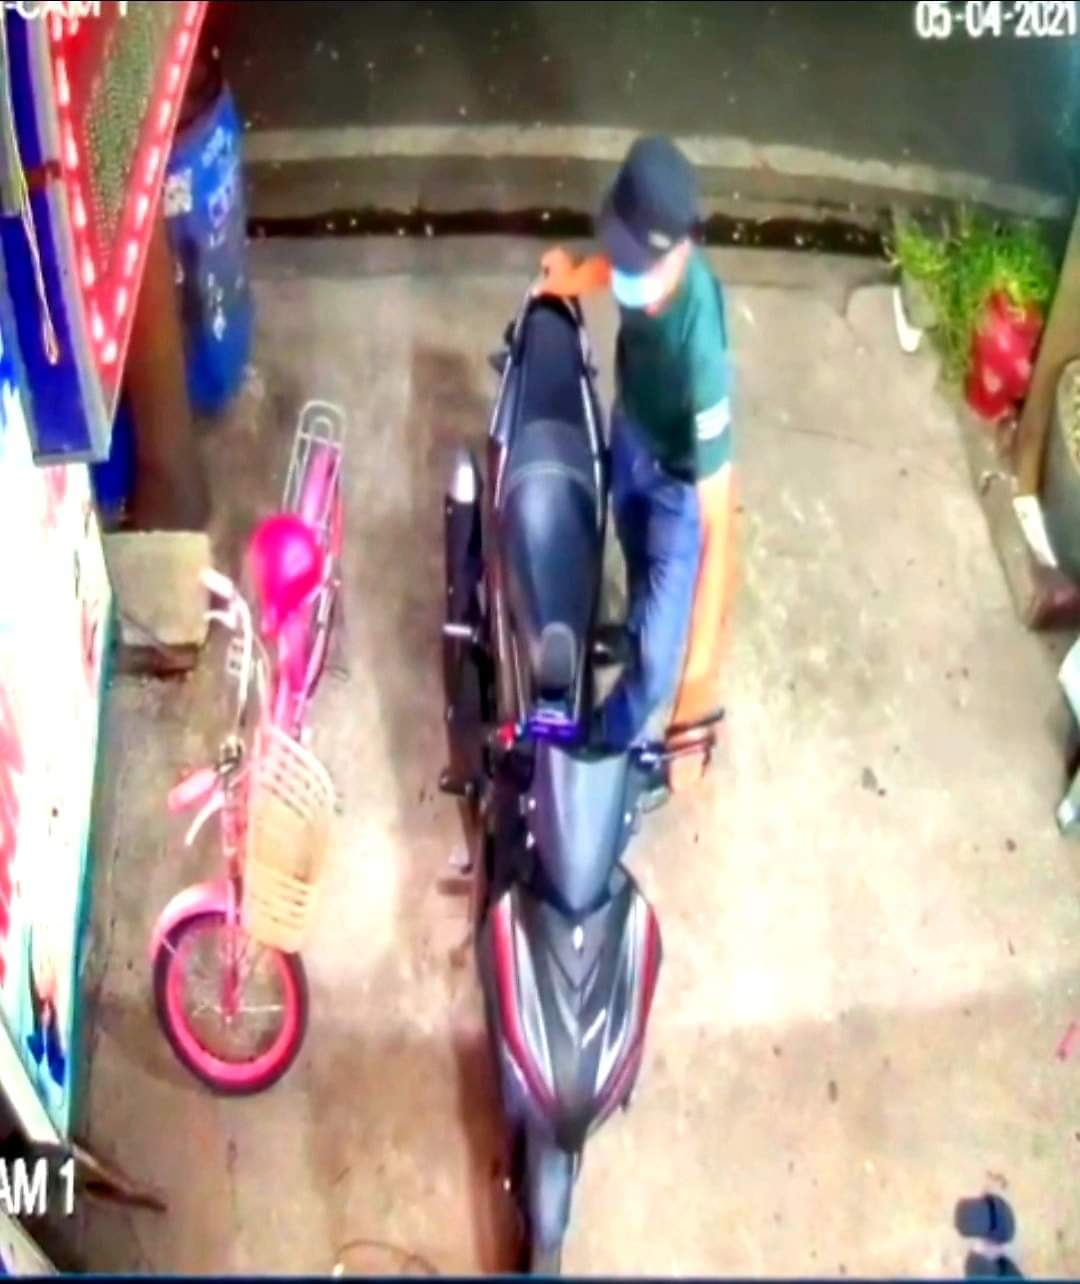 Công an truy tìm kẻ trộm xe máy, đâm bác sĩ tử vong ở Bình Dương